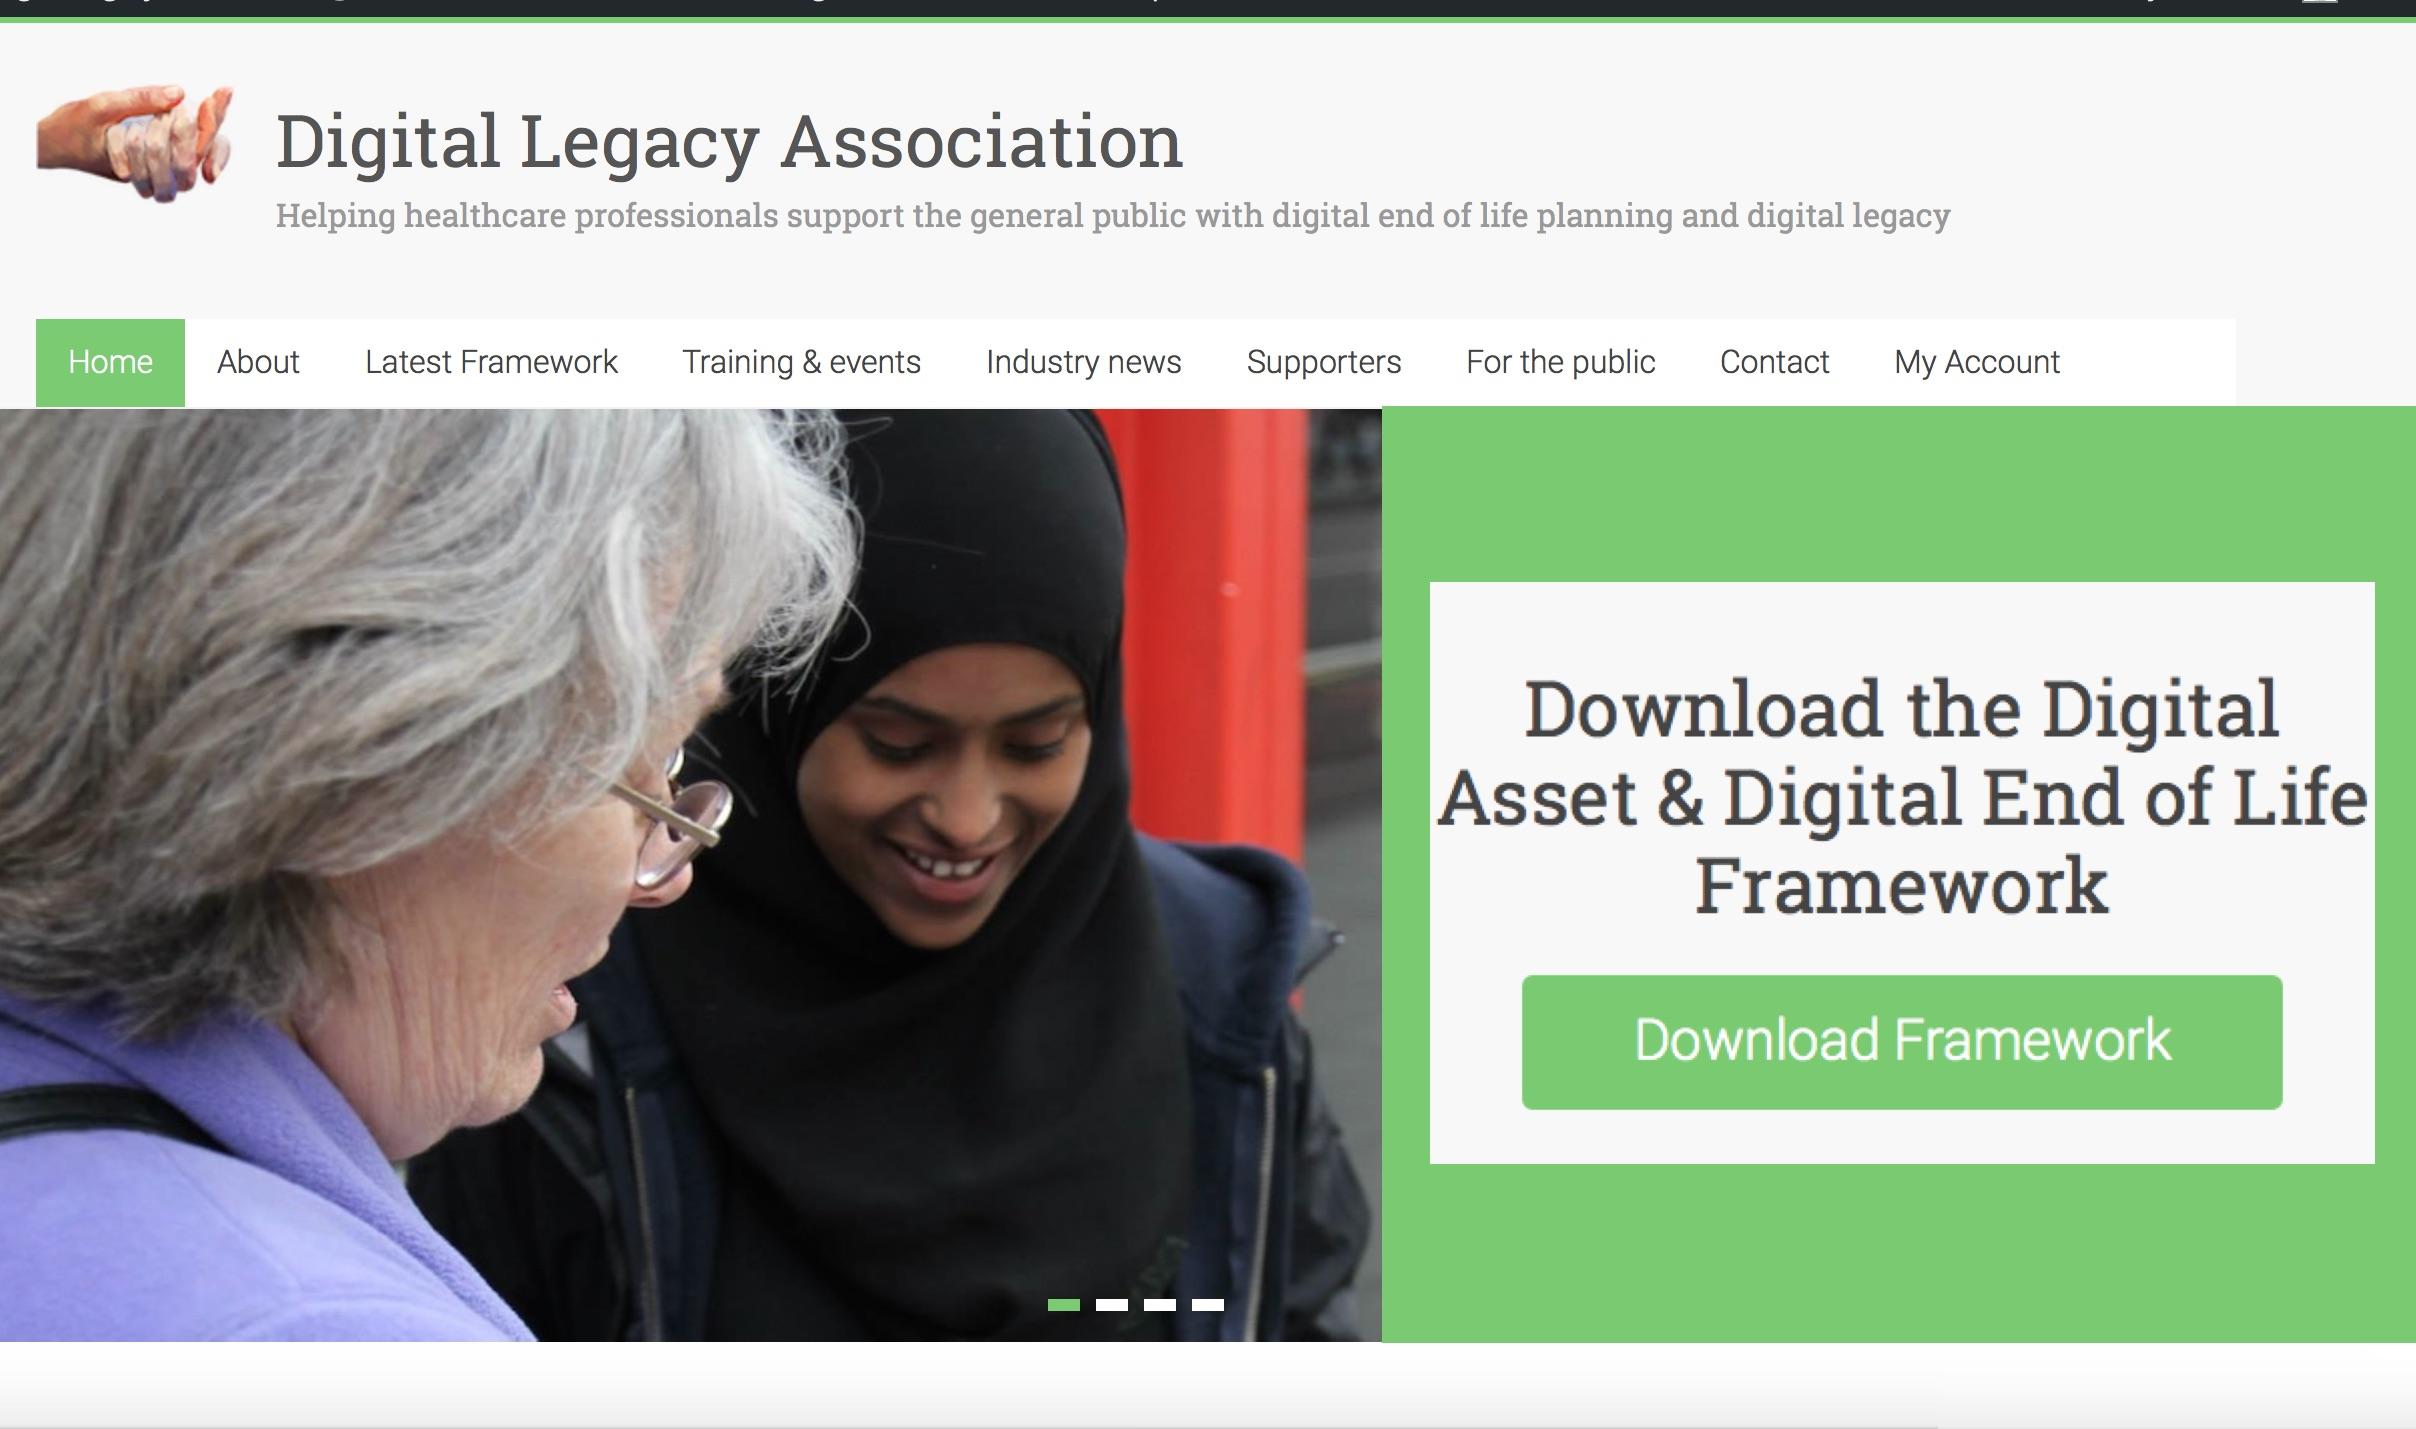 The Digital Legacy Association